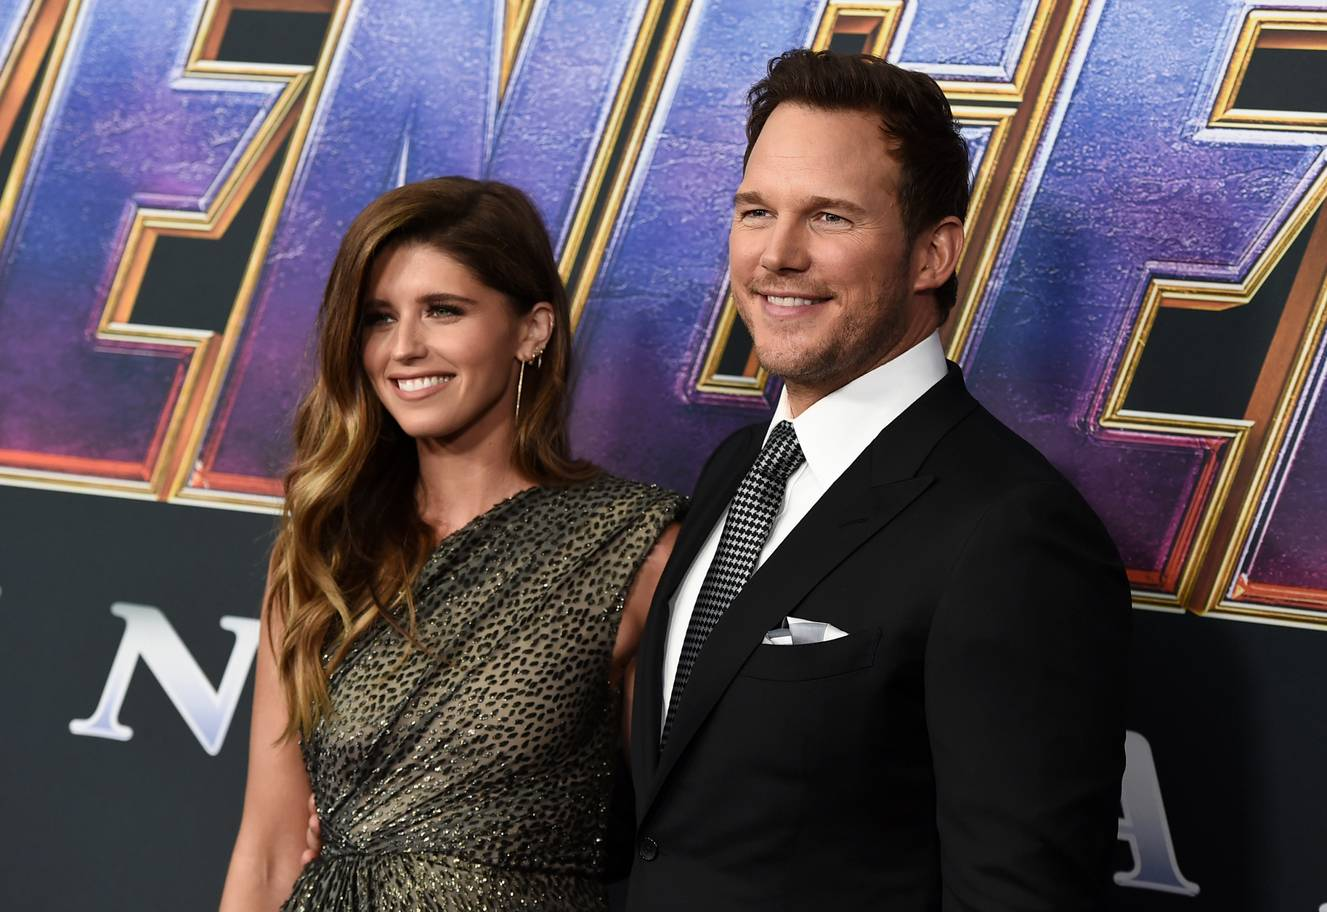 Chris Pratt at Avengers Endgame premiere